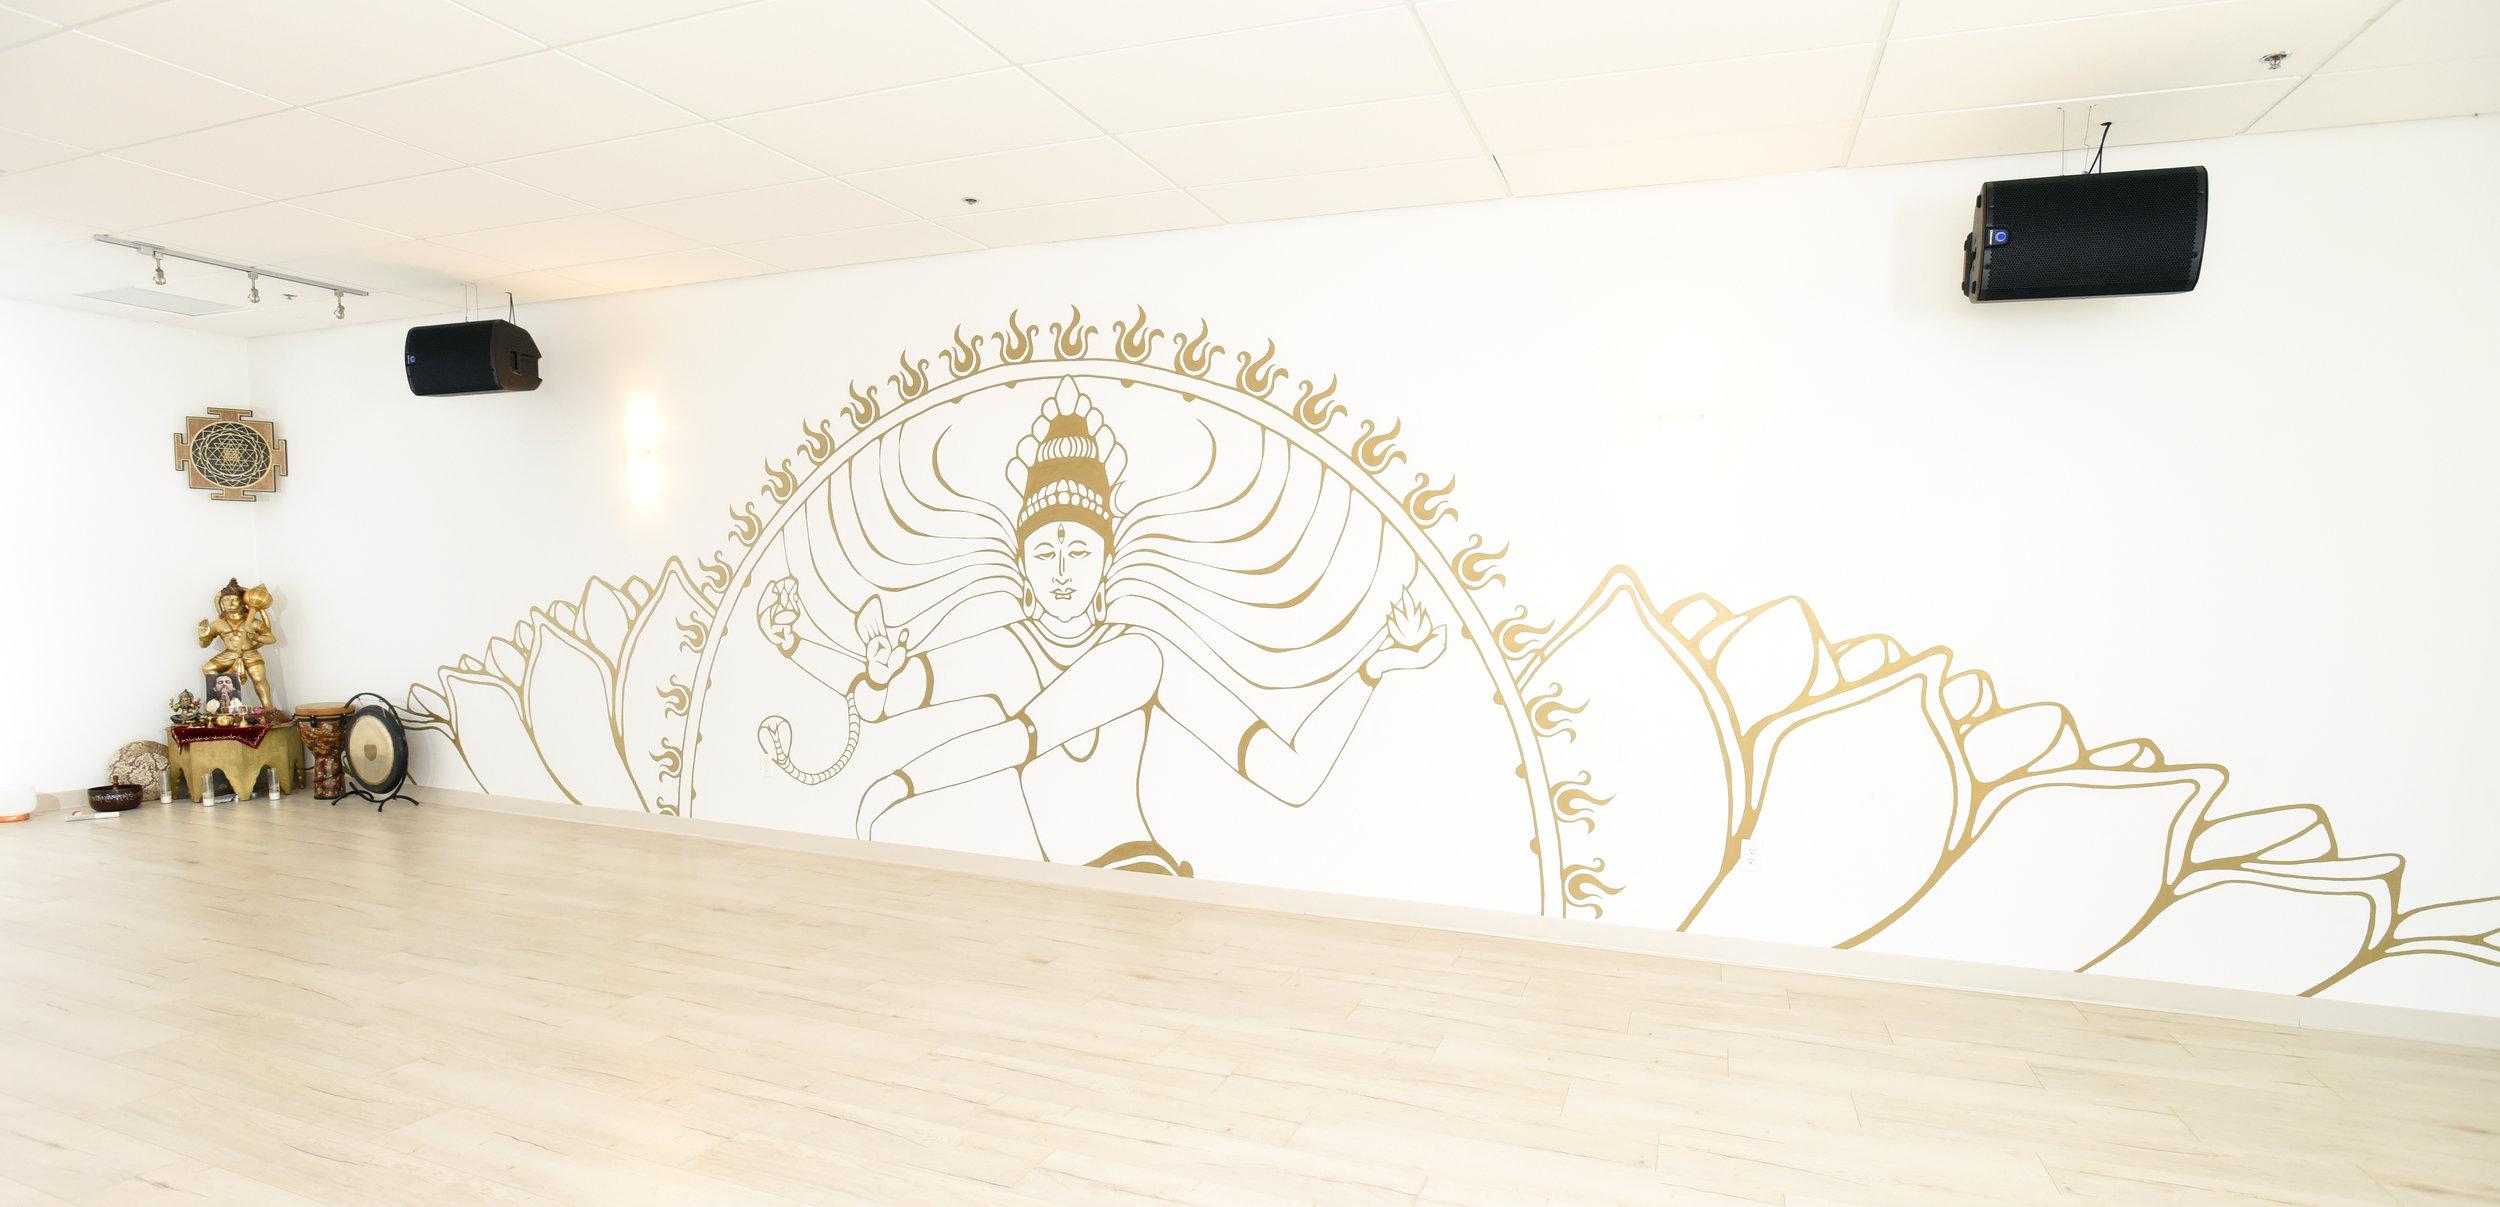 AWAKE-Shiva-studiorental.jpg